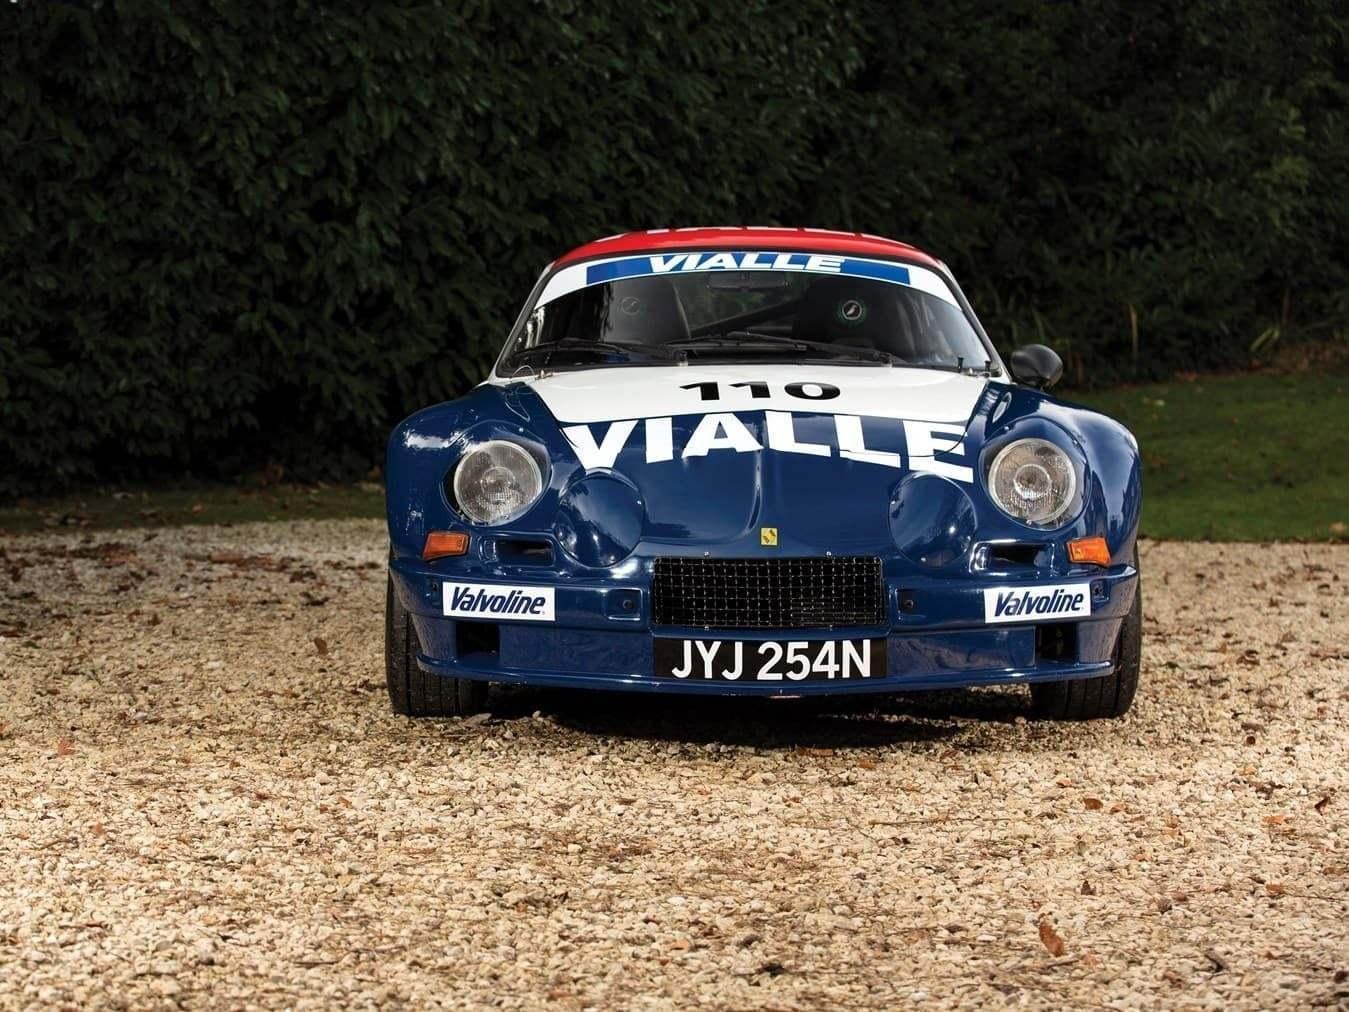 Alpine A110 B Vialle 1974 Rally cross 28 | RM Sotheby's met aux enchères trois Alpine pour Paris 2018